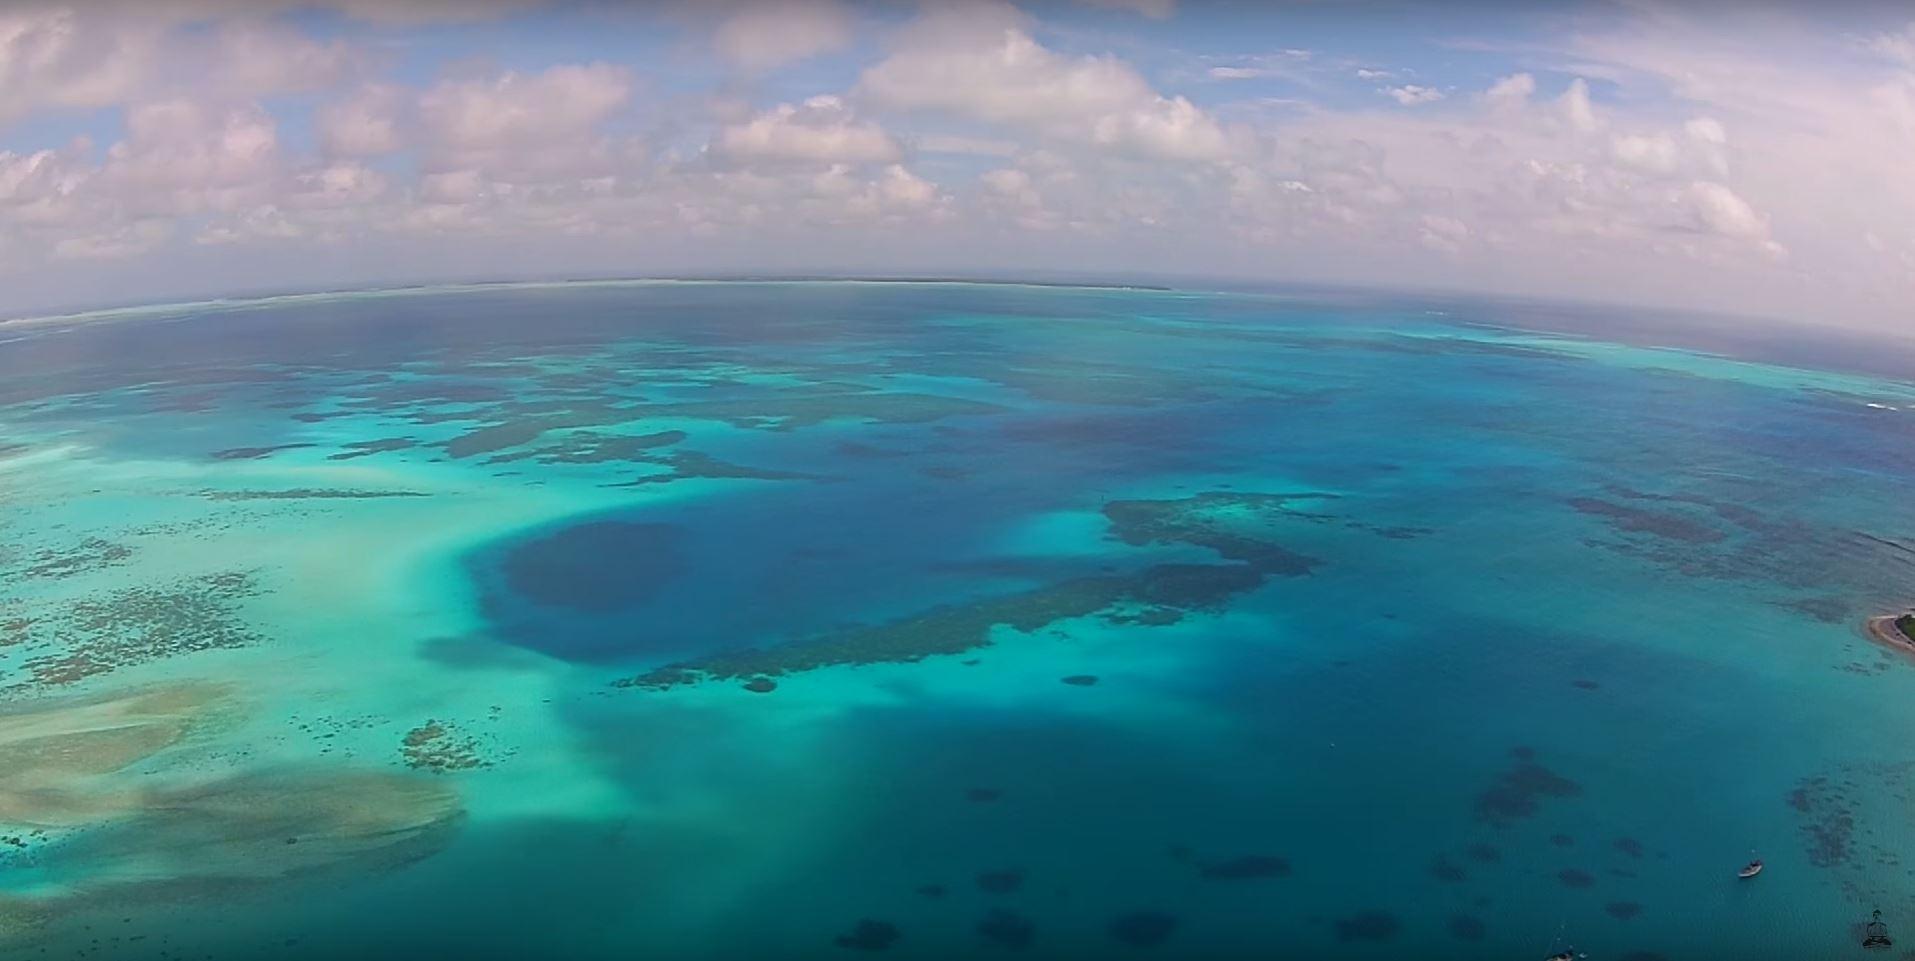 cocos keeling snorkeling diving